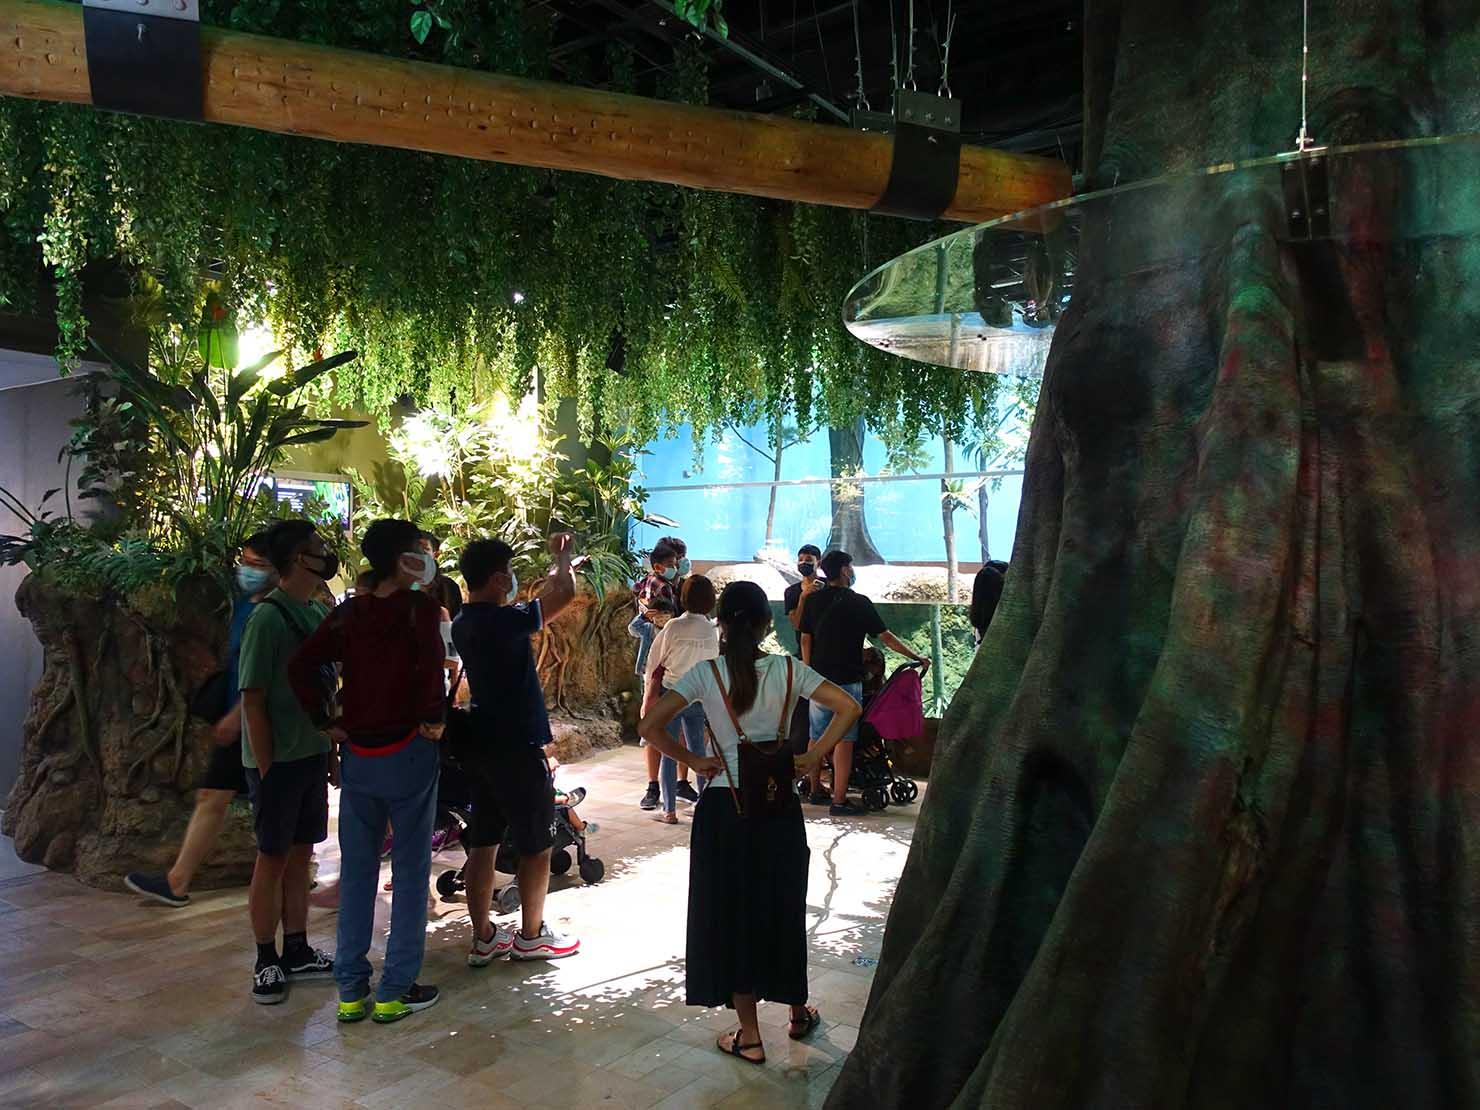 台北に誕生した都市型水族館「Xpark」内エリア「雨林探險」